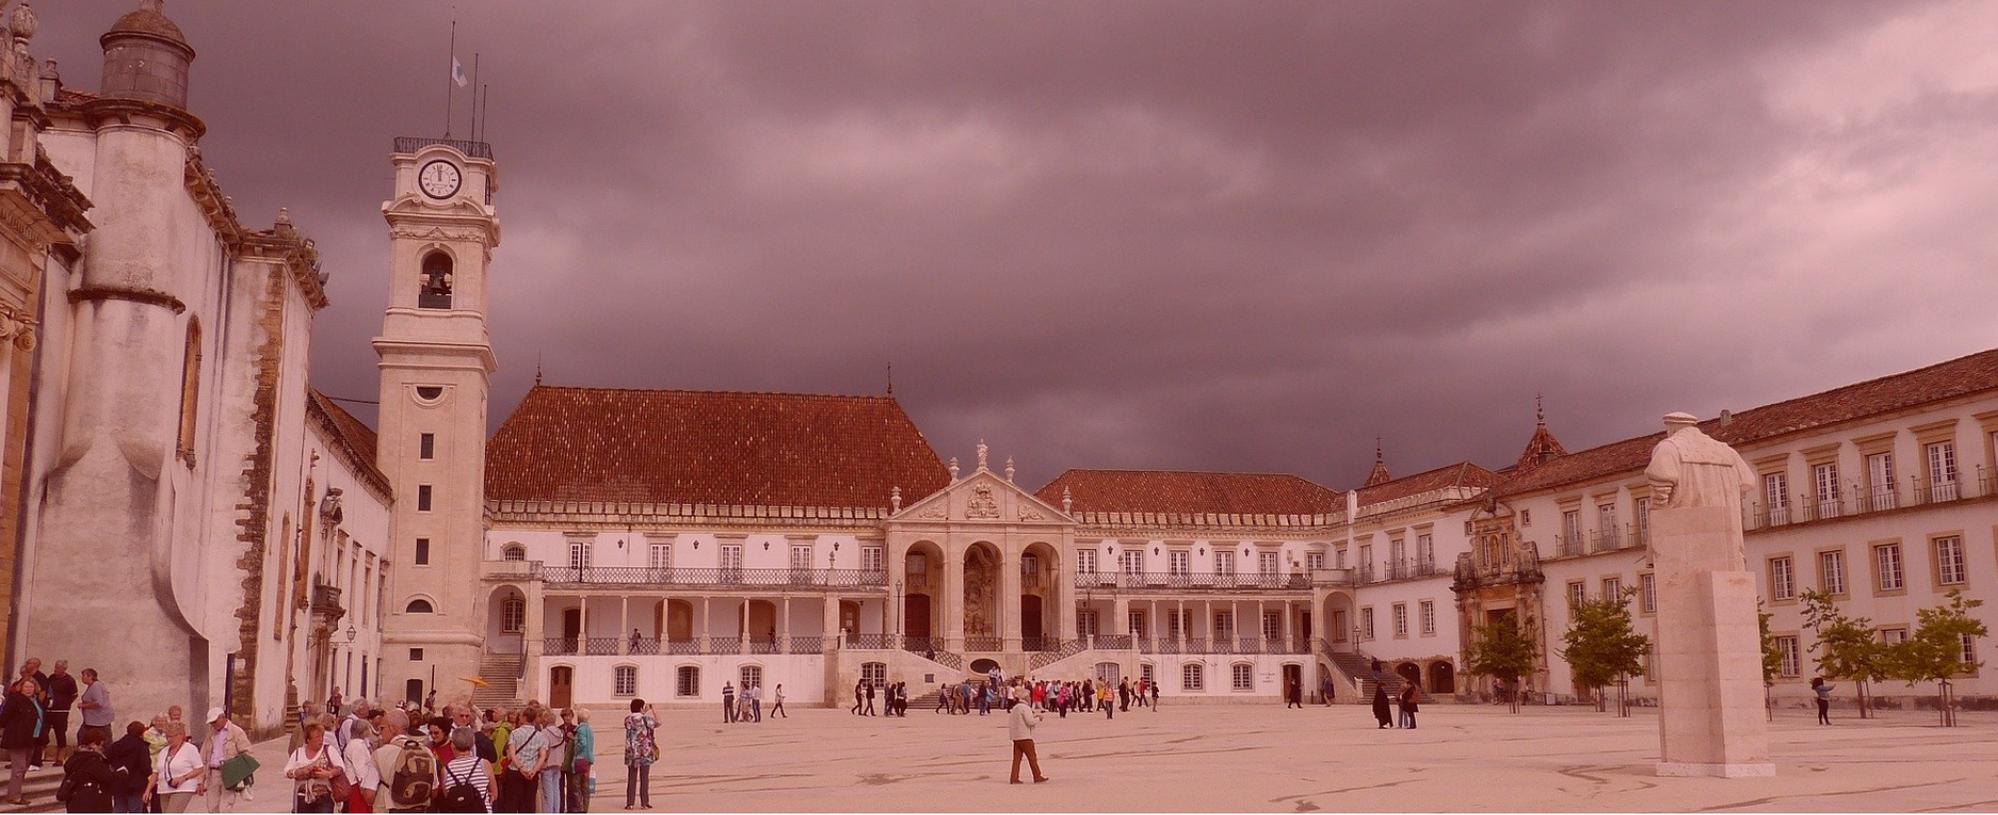 Bem-vindo à GAHP a sua Imobiliária Made in Coimbra...